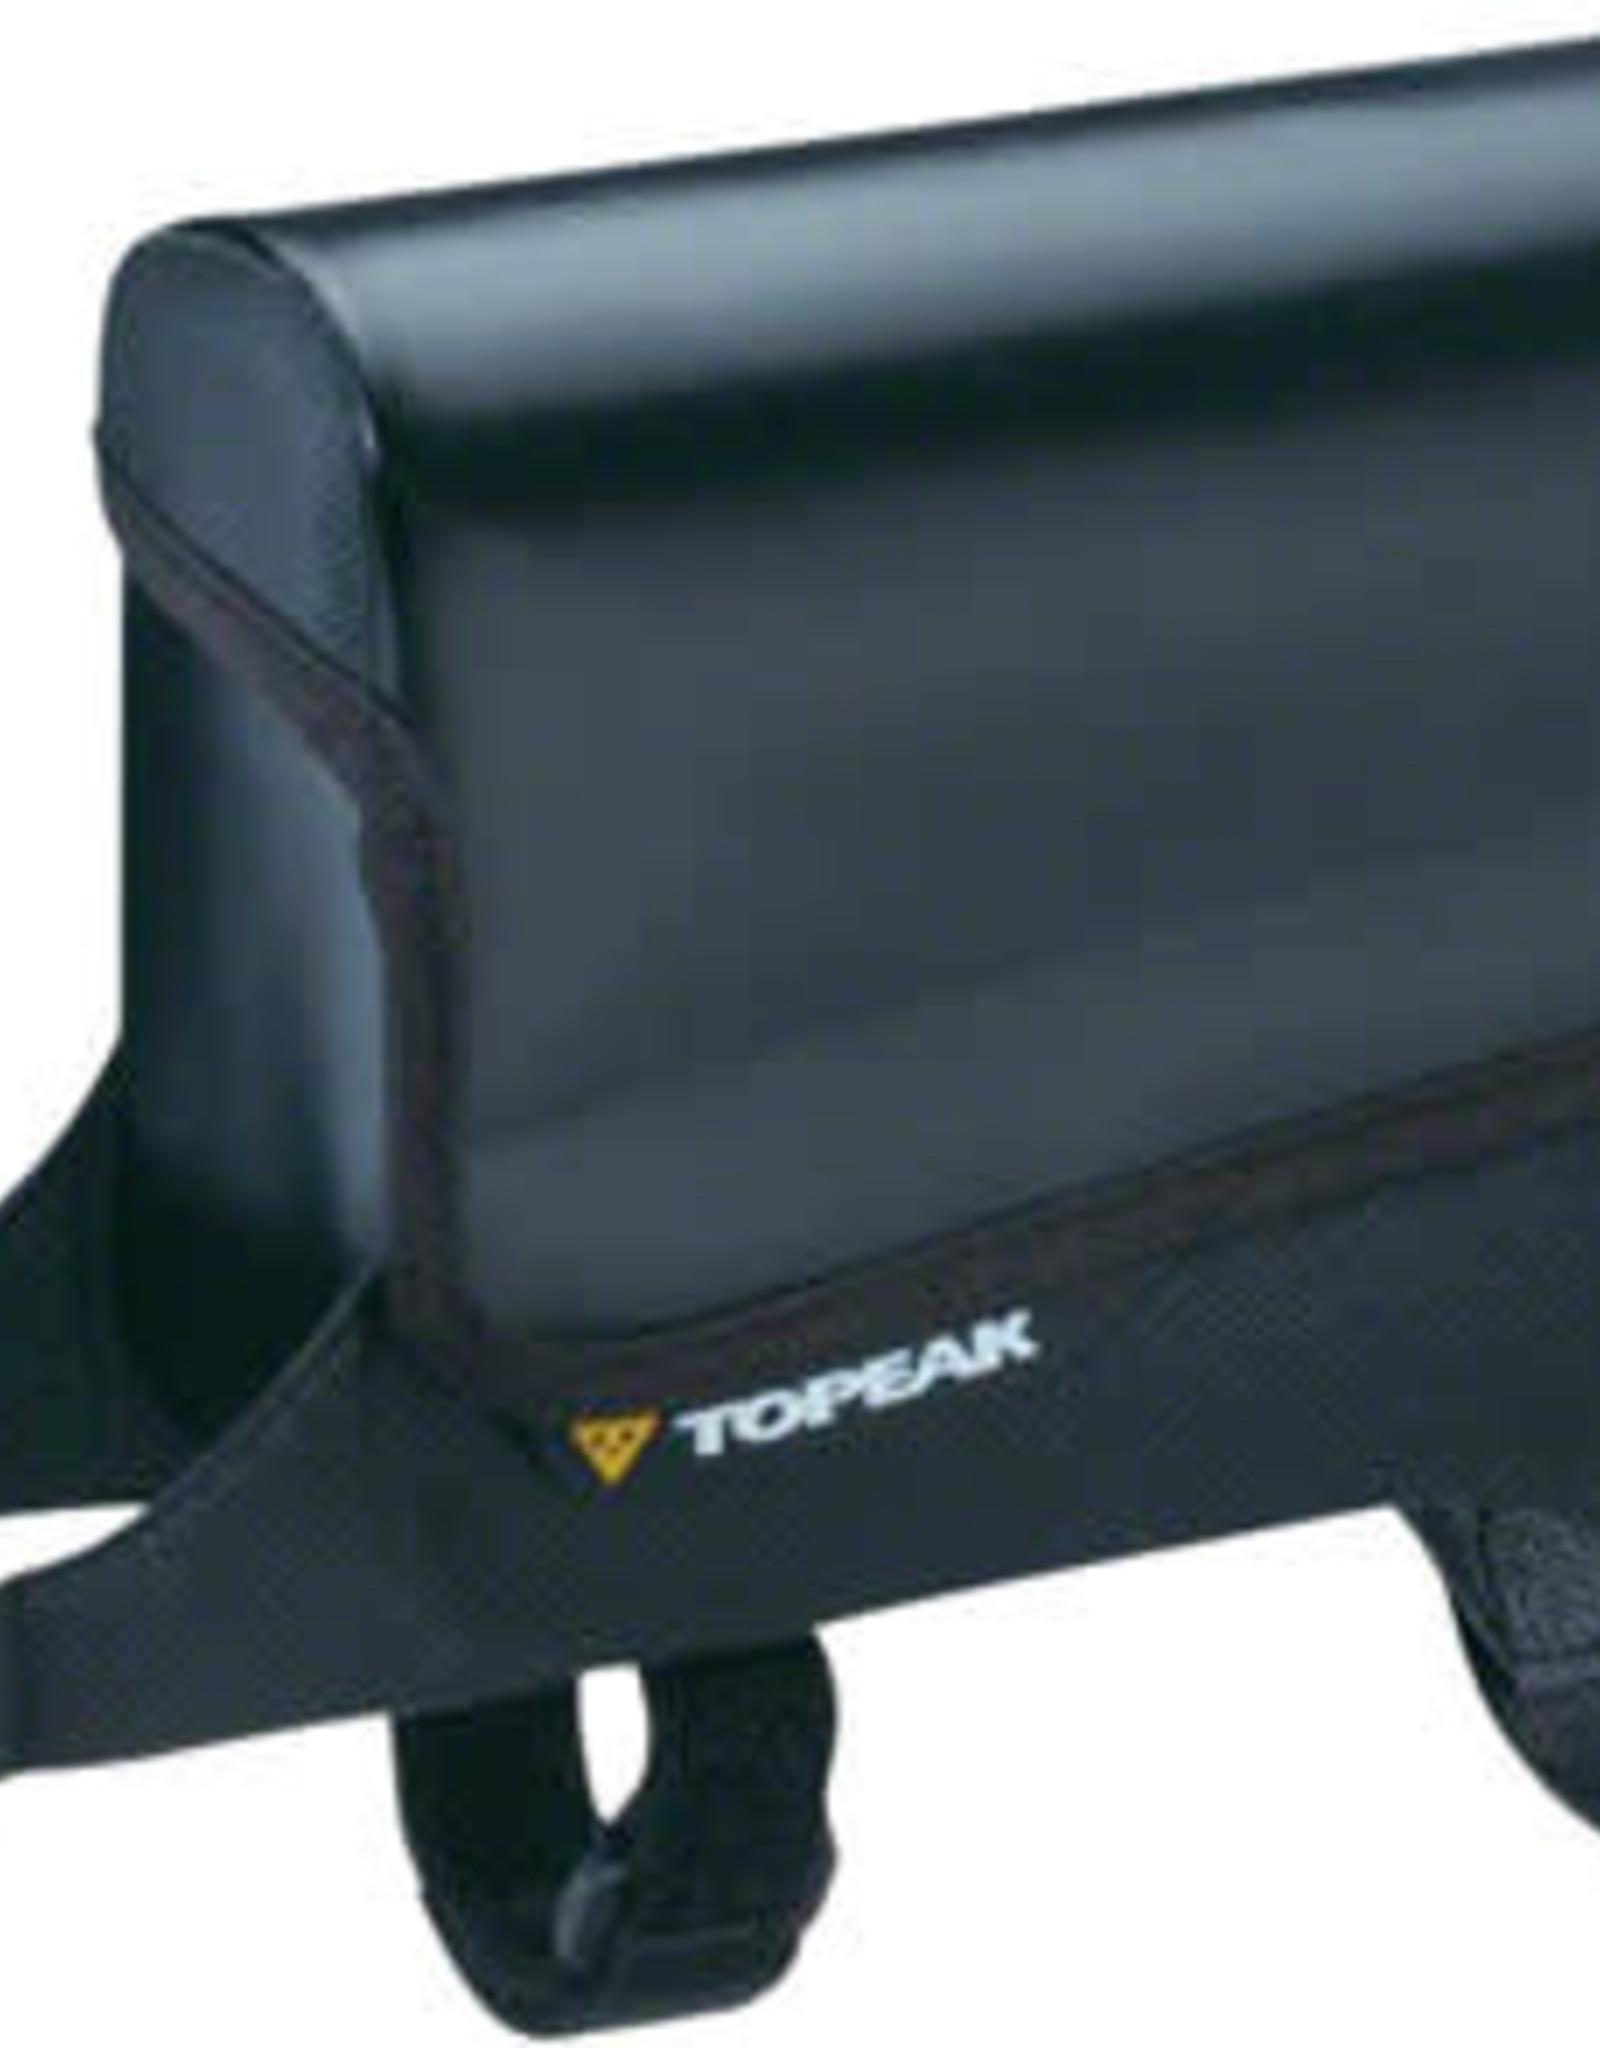 Topeak Aero Wedge Seat Bag - Strap-on, Large, Black